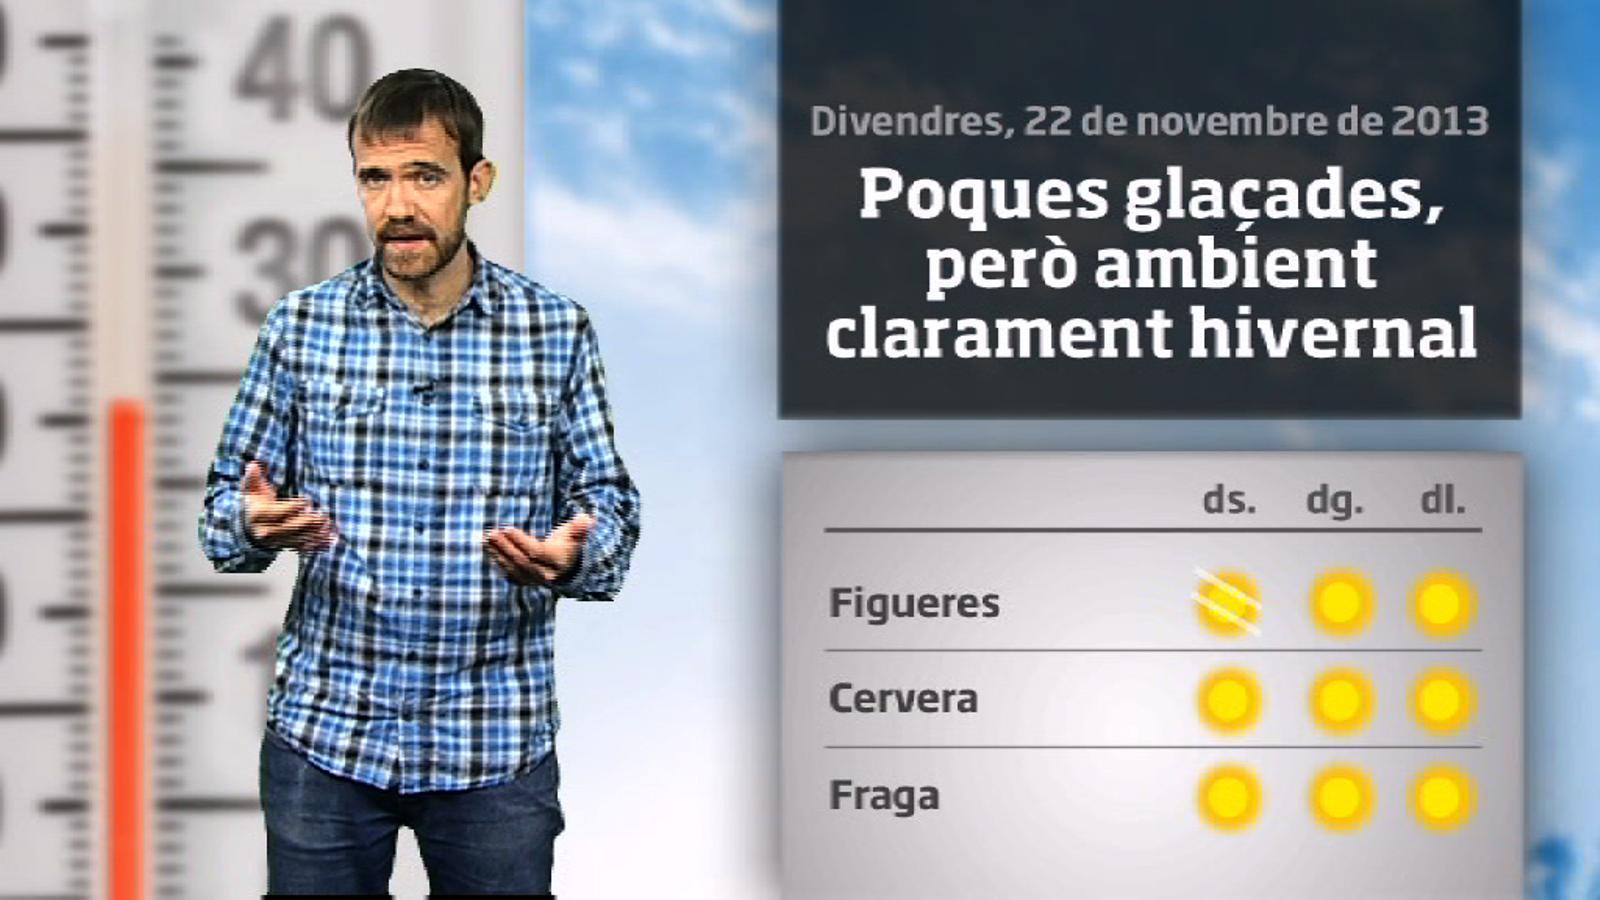 La méteo en 1 minut: cap de setmana d'hivern amb ventades al nord (23/11/2013)